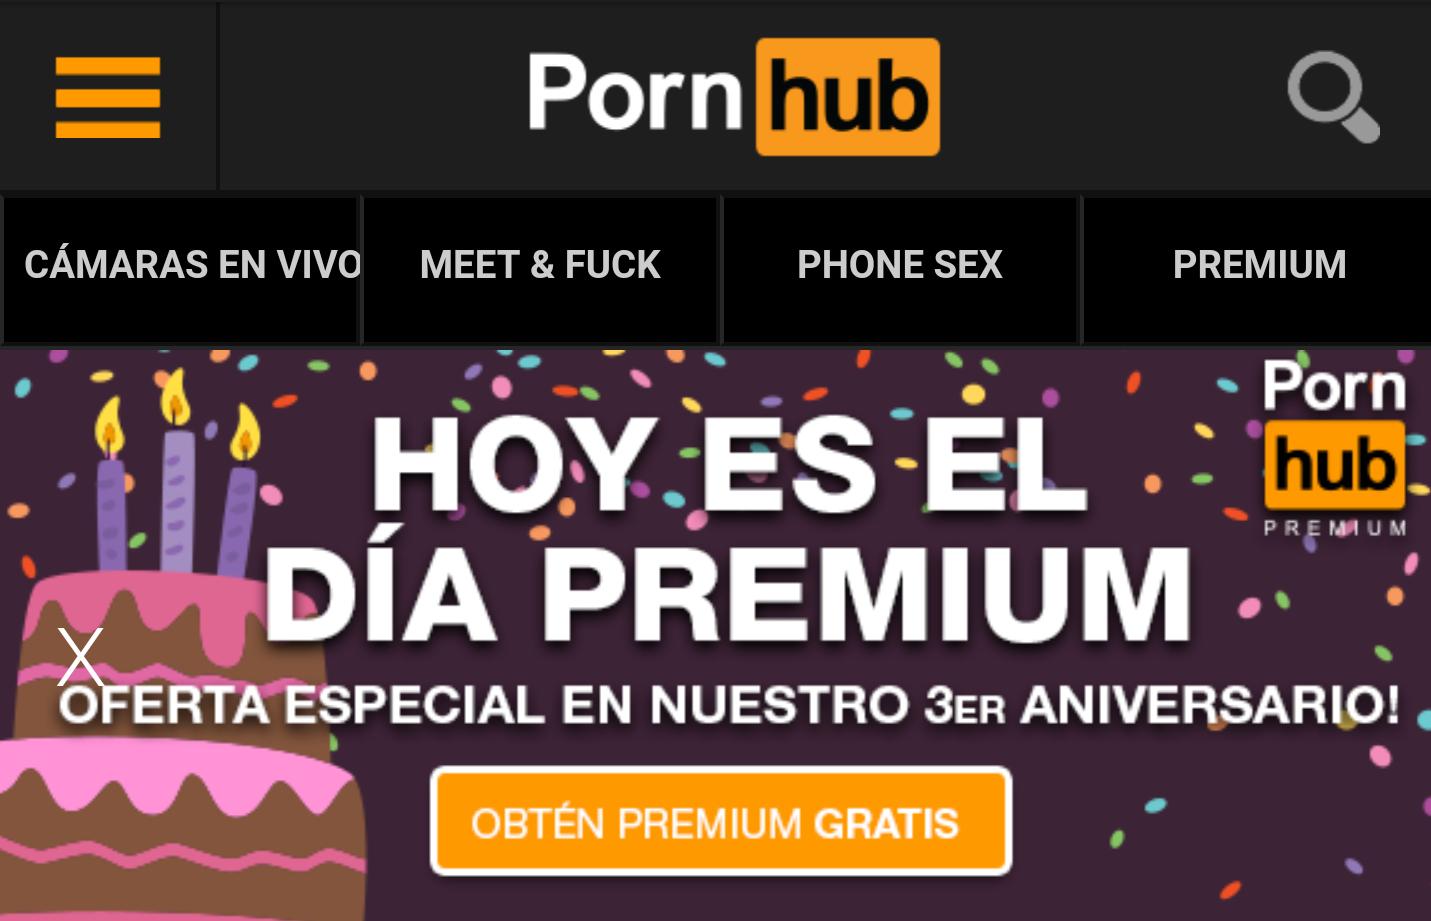 PORNHUB: 1 mes gratis de cuenta Premium